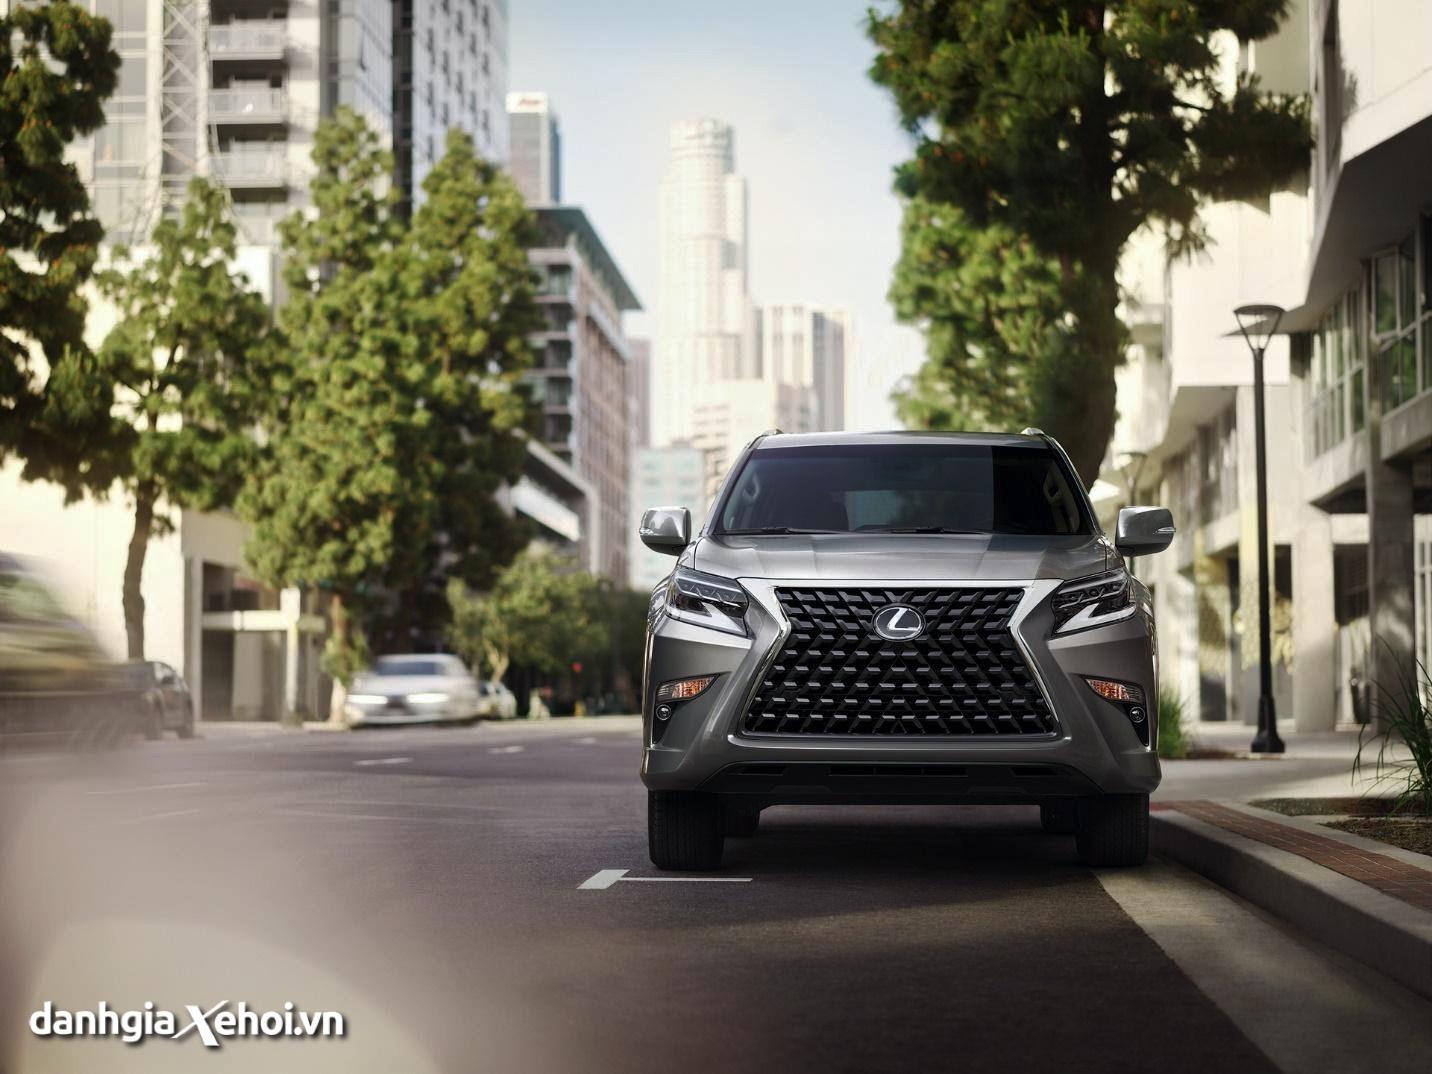 Đánh giá xe Lexus GX460 2022 – Nâng cấp nhẹ, gia tăng trải nghiệm Offroad